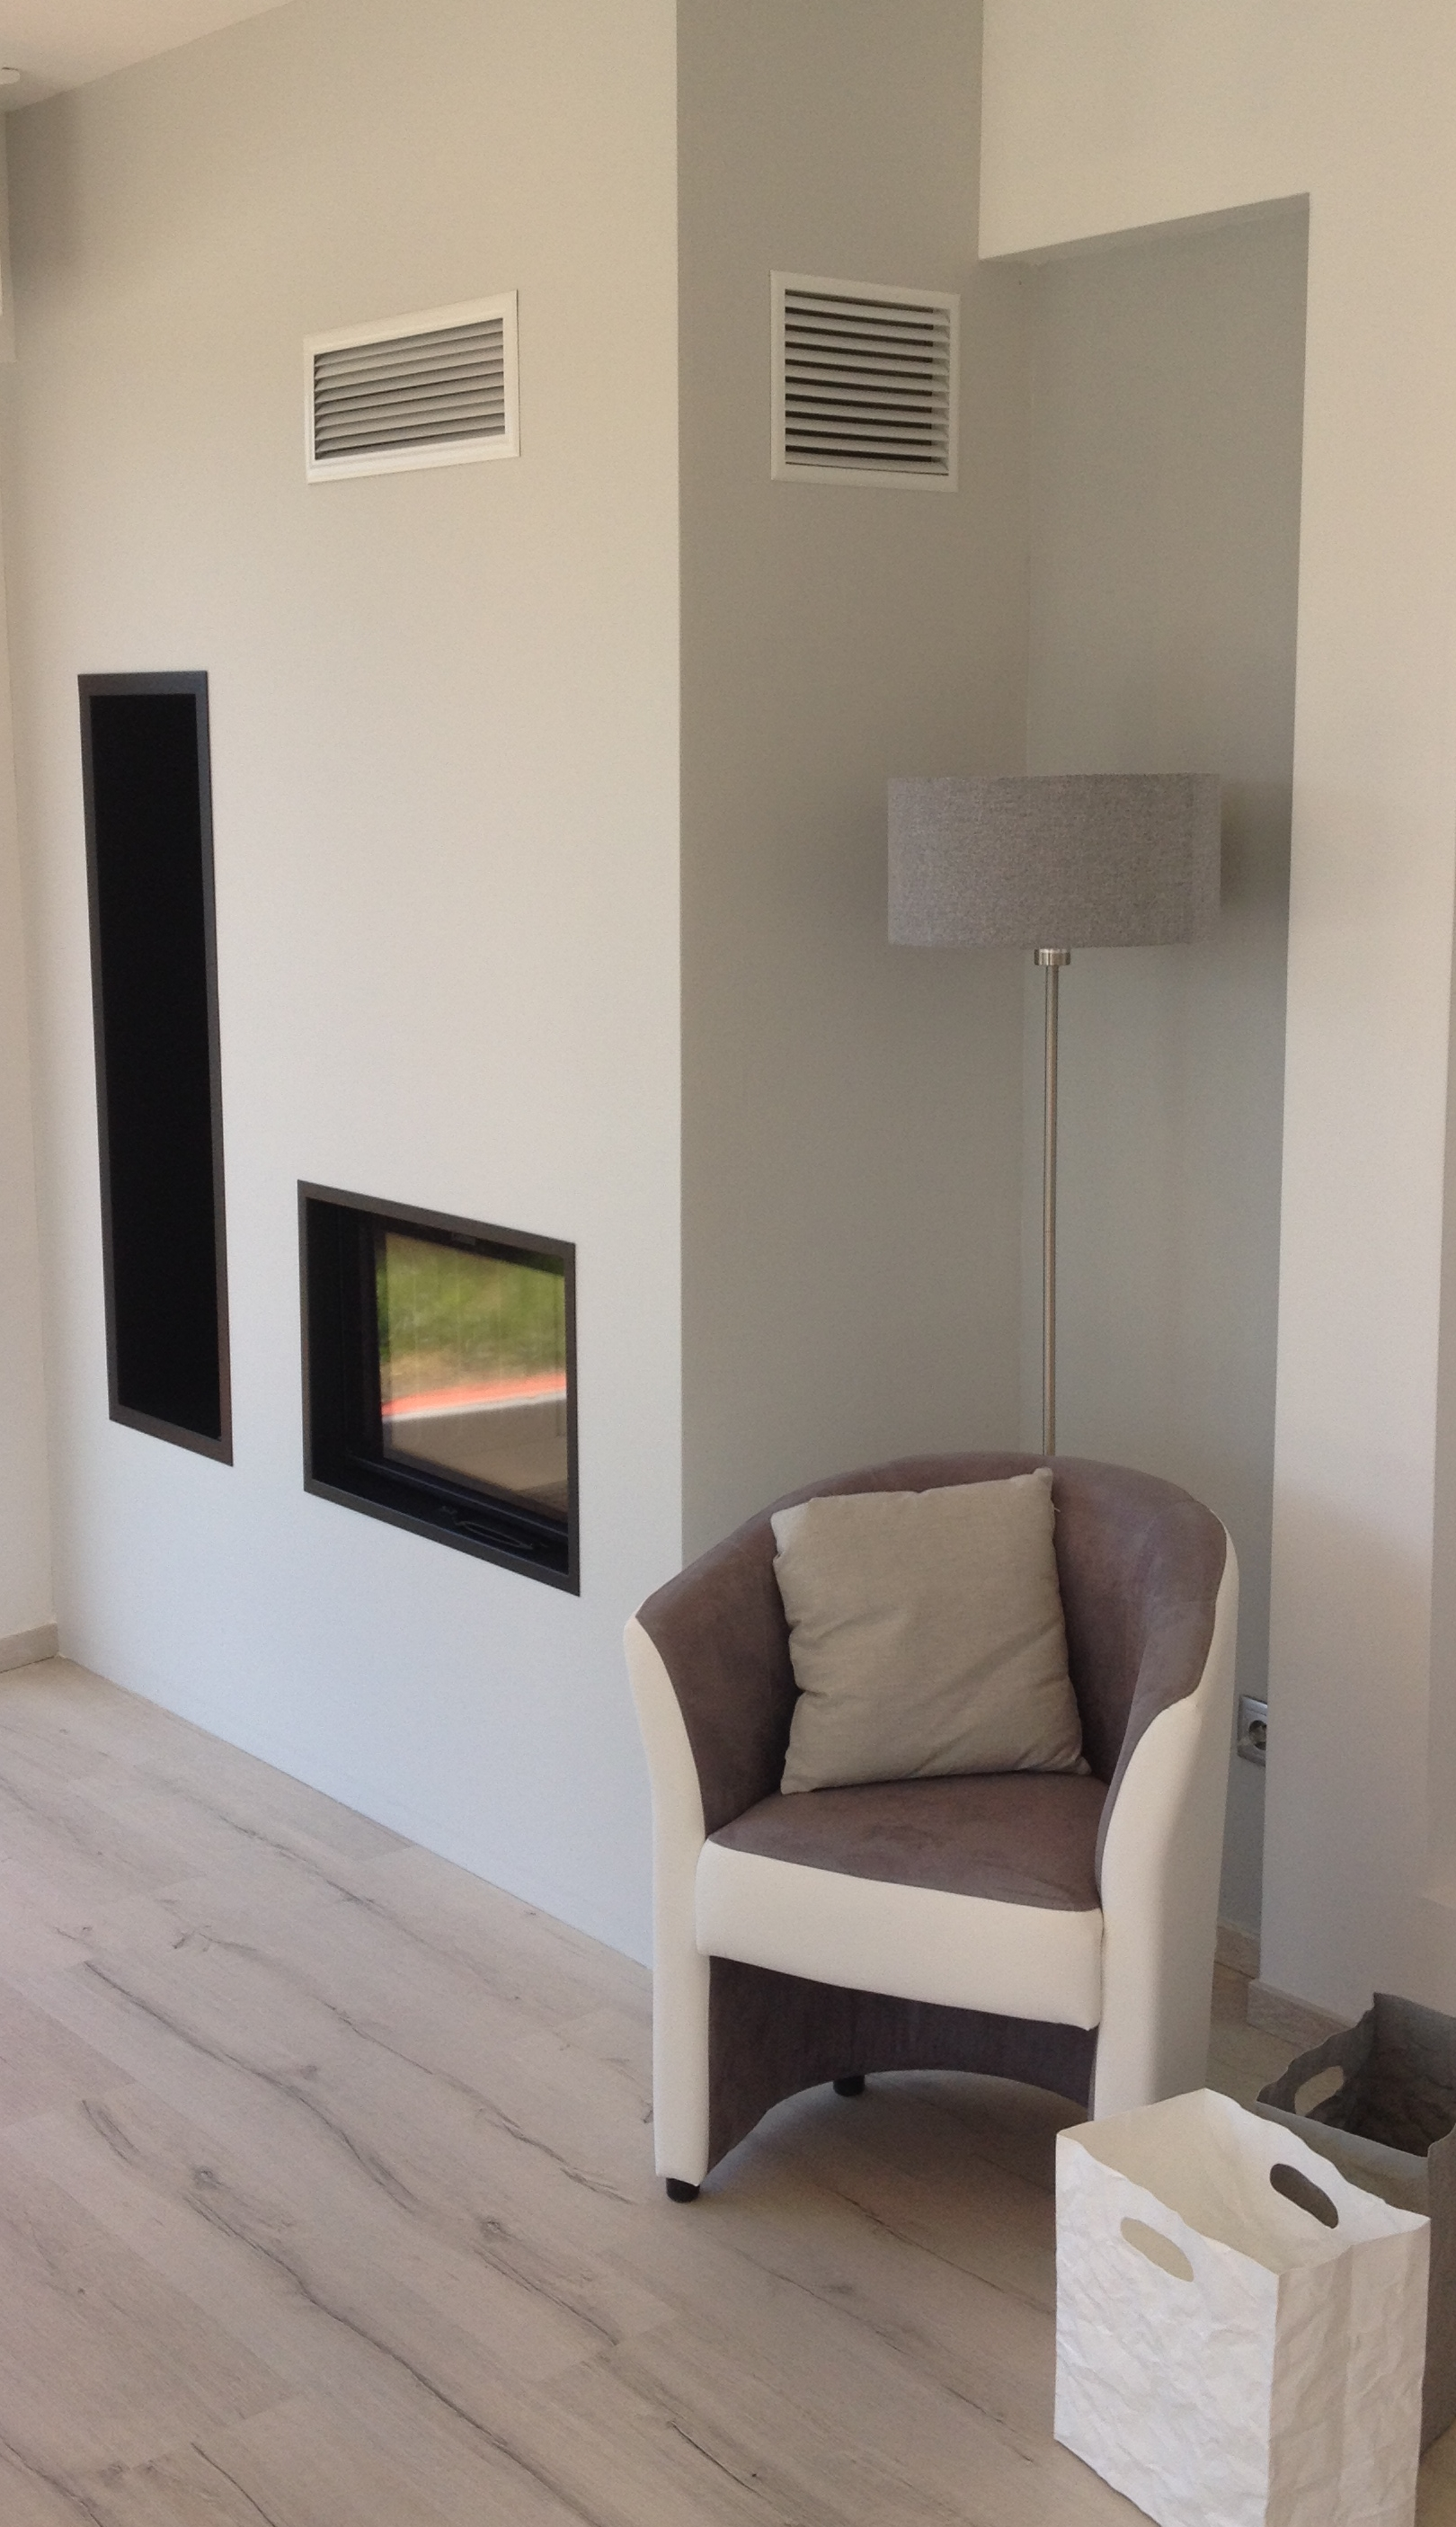 Habillage Cheminée D Angle cheminée contemporaine - cheminées boisaubert - création ou